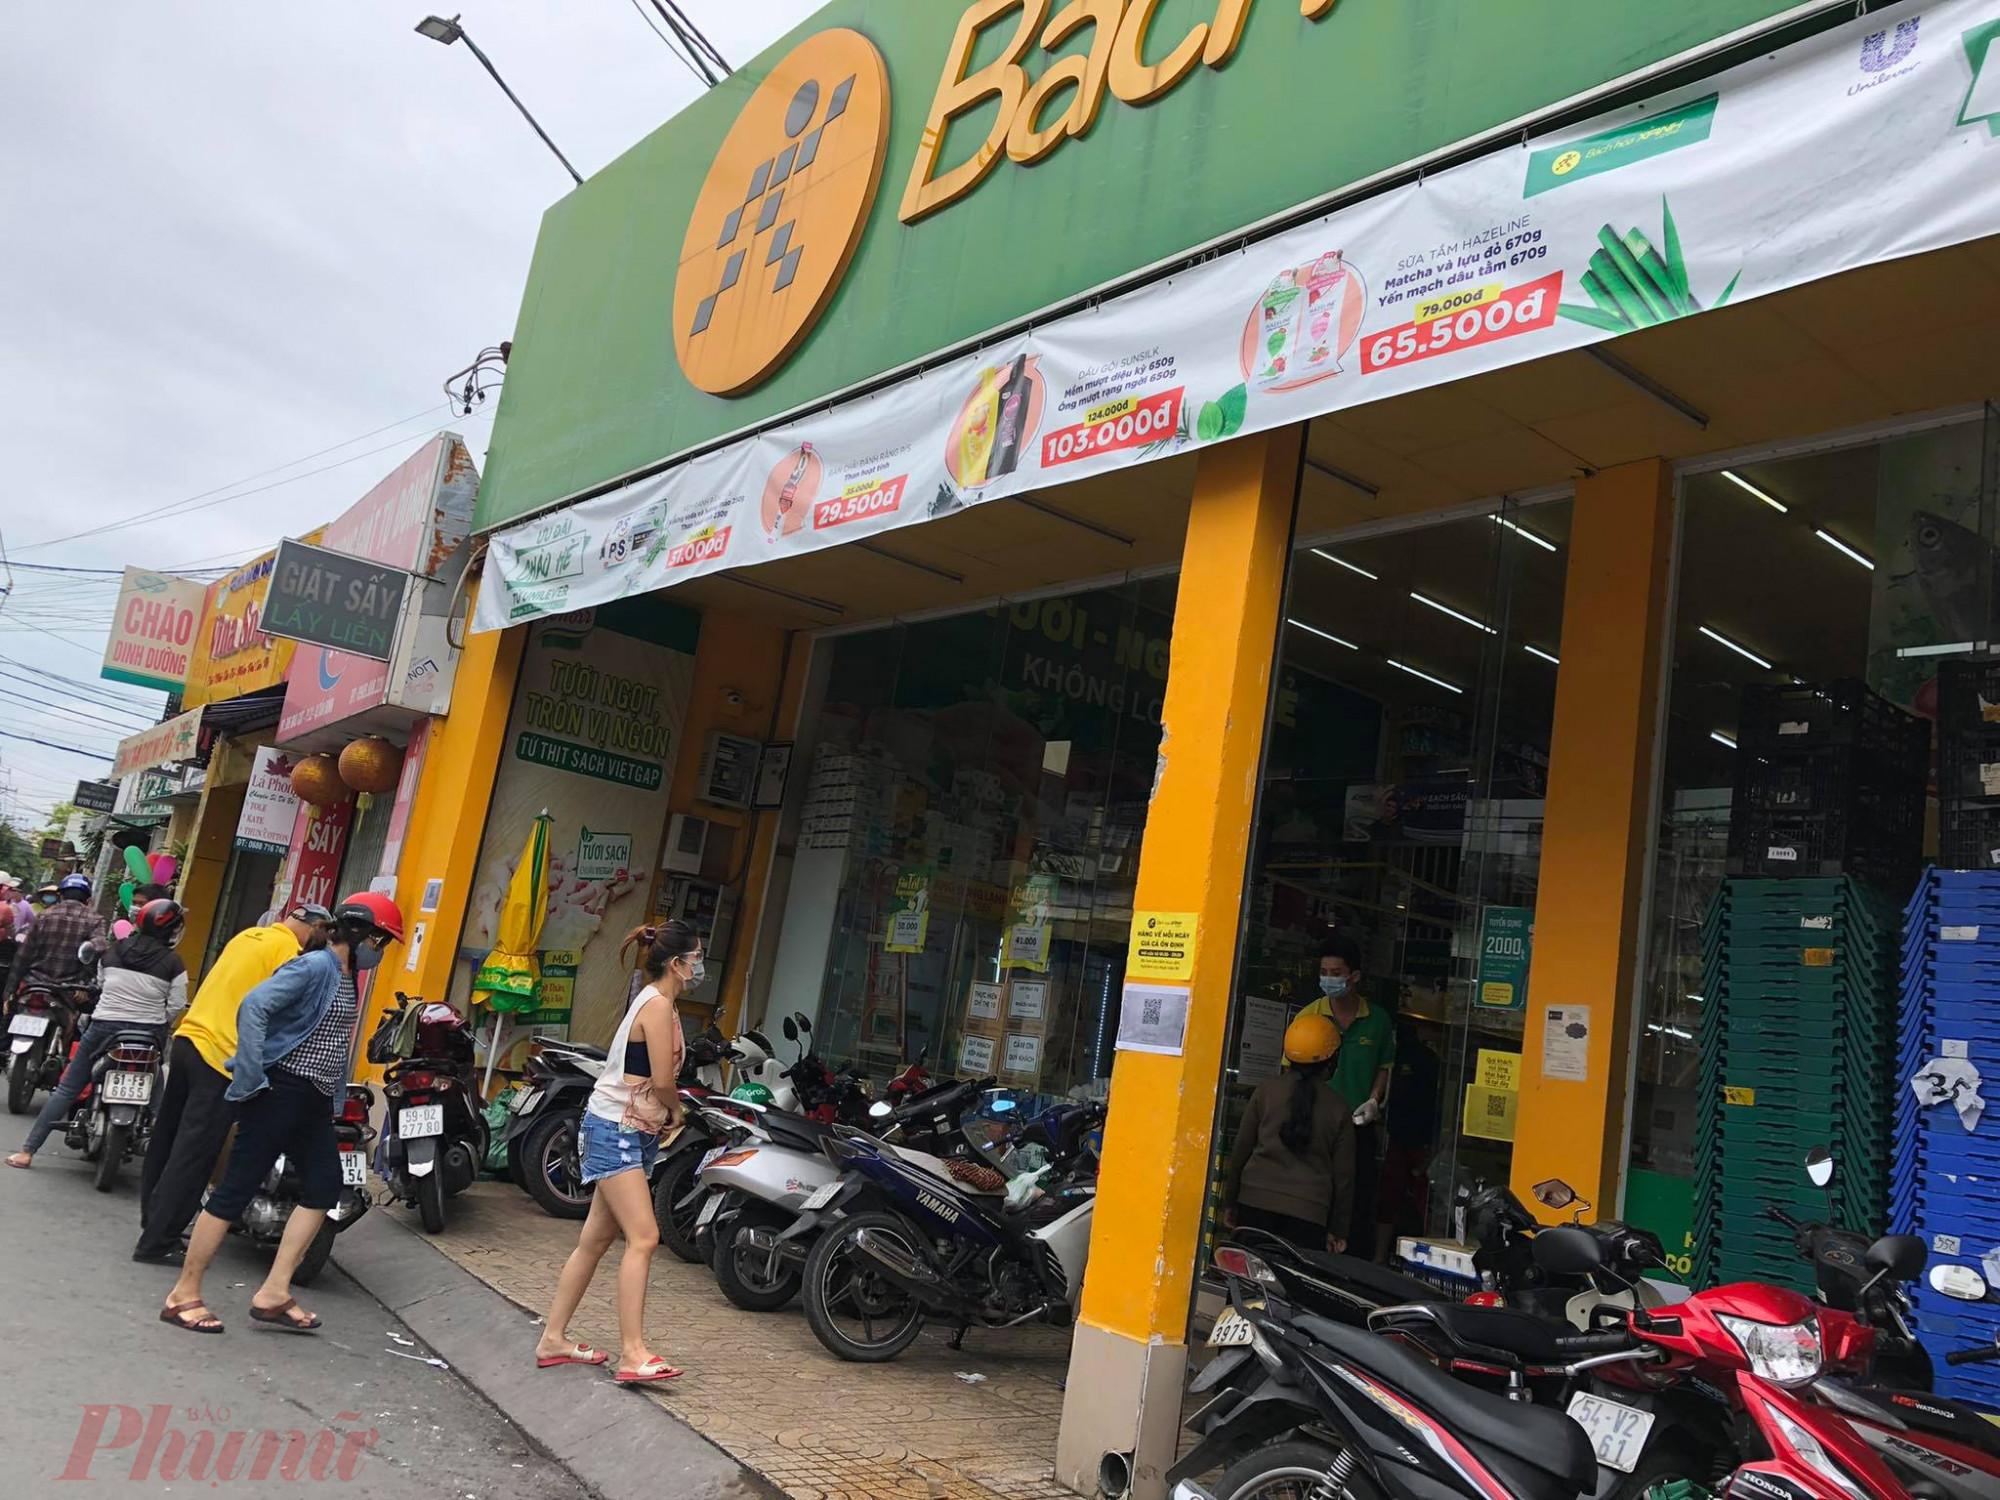 Riêng Bách Hoá Xanh đường Bàu Cát quận Tân bình thì khách cũng không quá đông, thịt, rau và các loại hải sản vẫn còn.